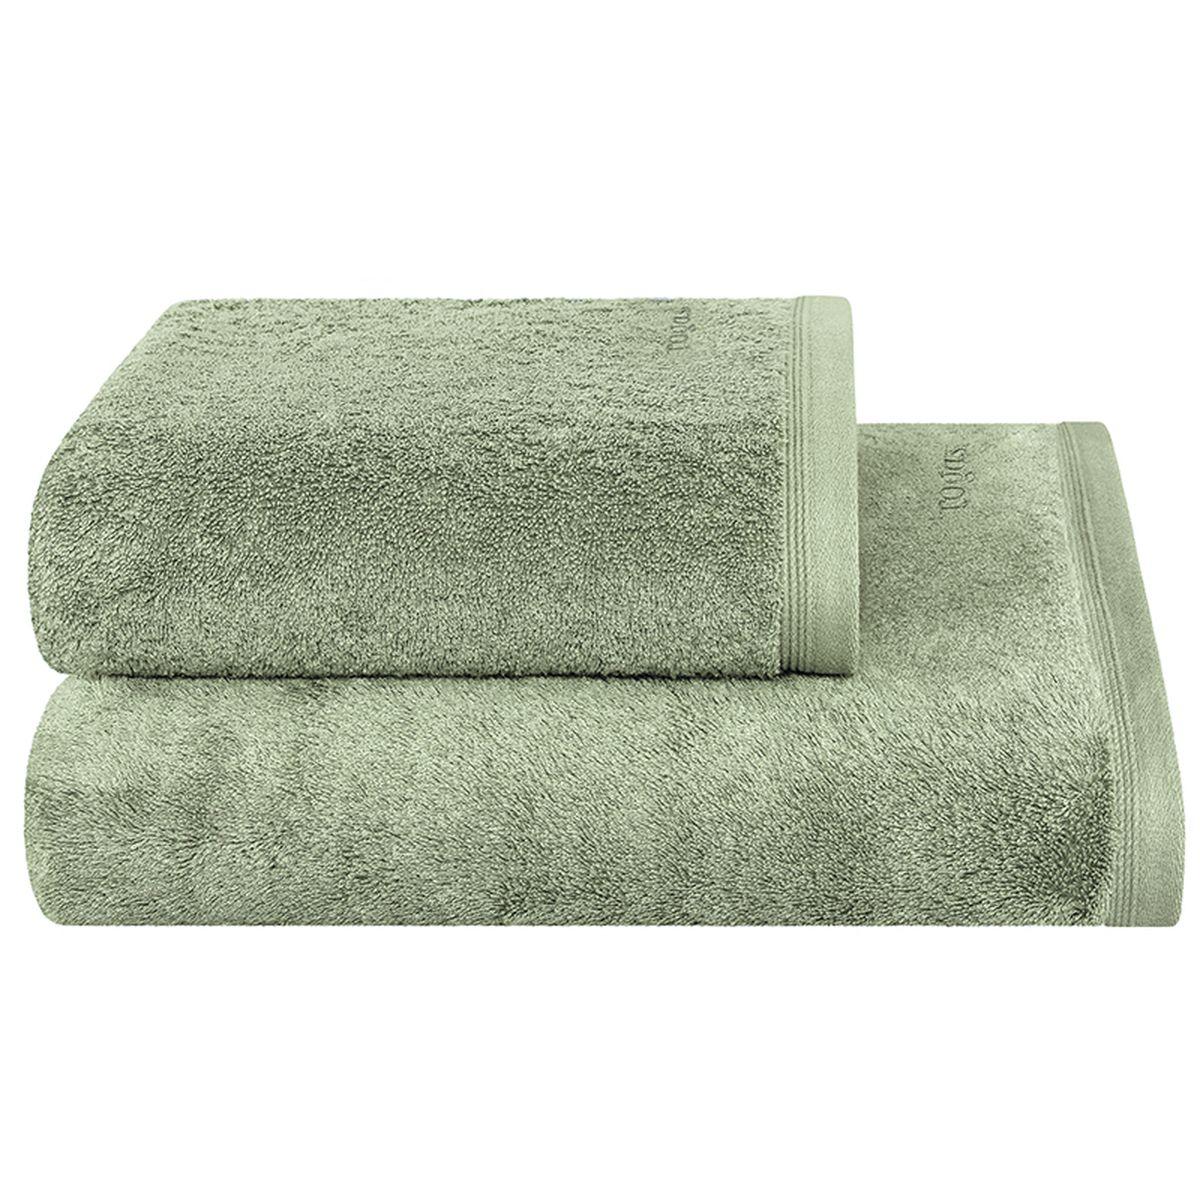 Полотенце Togas Пуатье, цвет: зеленый, 70 х 140 см531-105Полотенце Togas Пуатье невероятно гармонично сочетает в себе лучшие качества современного махрового текстиля. Безупречные по качеству, экологичное полотенце из 70% хлопка и 30% модала идеально заботится о вашей коже, особенно после душа, когда вы расслаблены и особо уязвимы. Деликатный дизайн полотенца Togas «Пуатье» - воплощение изысканной простоты, где на первый план выходит качество материала. Невероятно мягкое волокно модал, превосходящее по своим свойствам даже хлопок, позволяет улучшить впитывающие качества полотенца и делает его удивительно мягким. Модал - это 100% натуральное, экологически чистое целлюлозное волокно. Оно производится без применения каких-либо химических примесей, поэтому абсолютно гипоаллергенно.Полотенце Togas Пуатье, обладающее идеальными качествами, будет поднимать вам настроение.